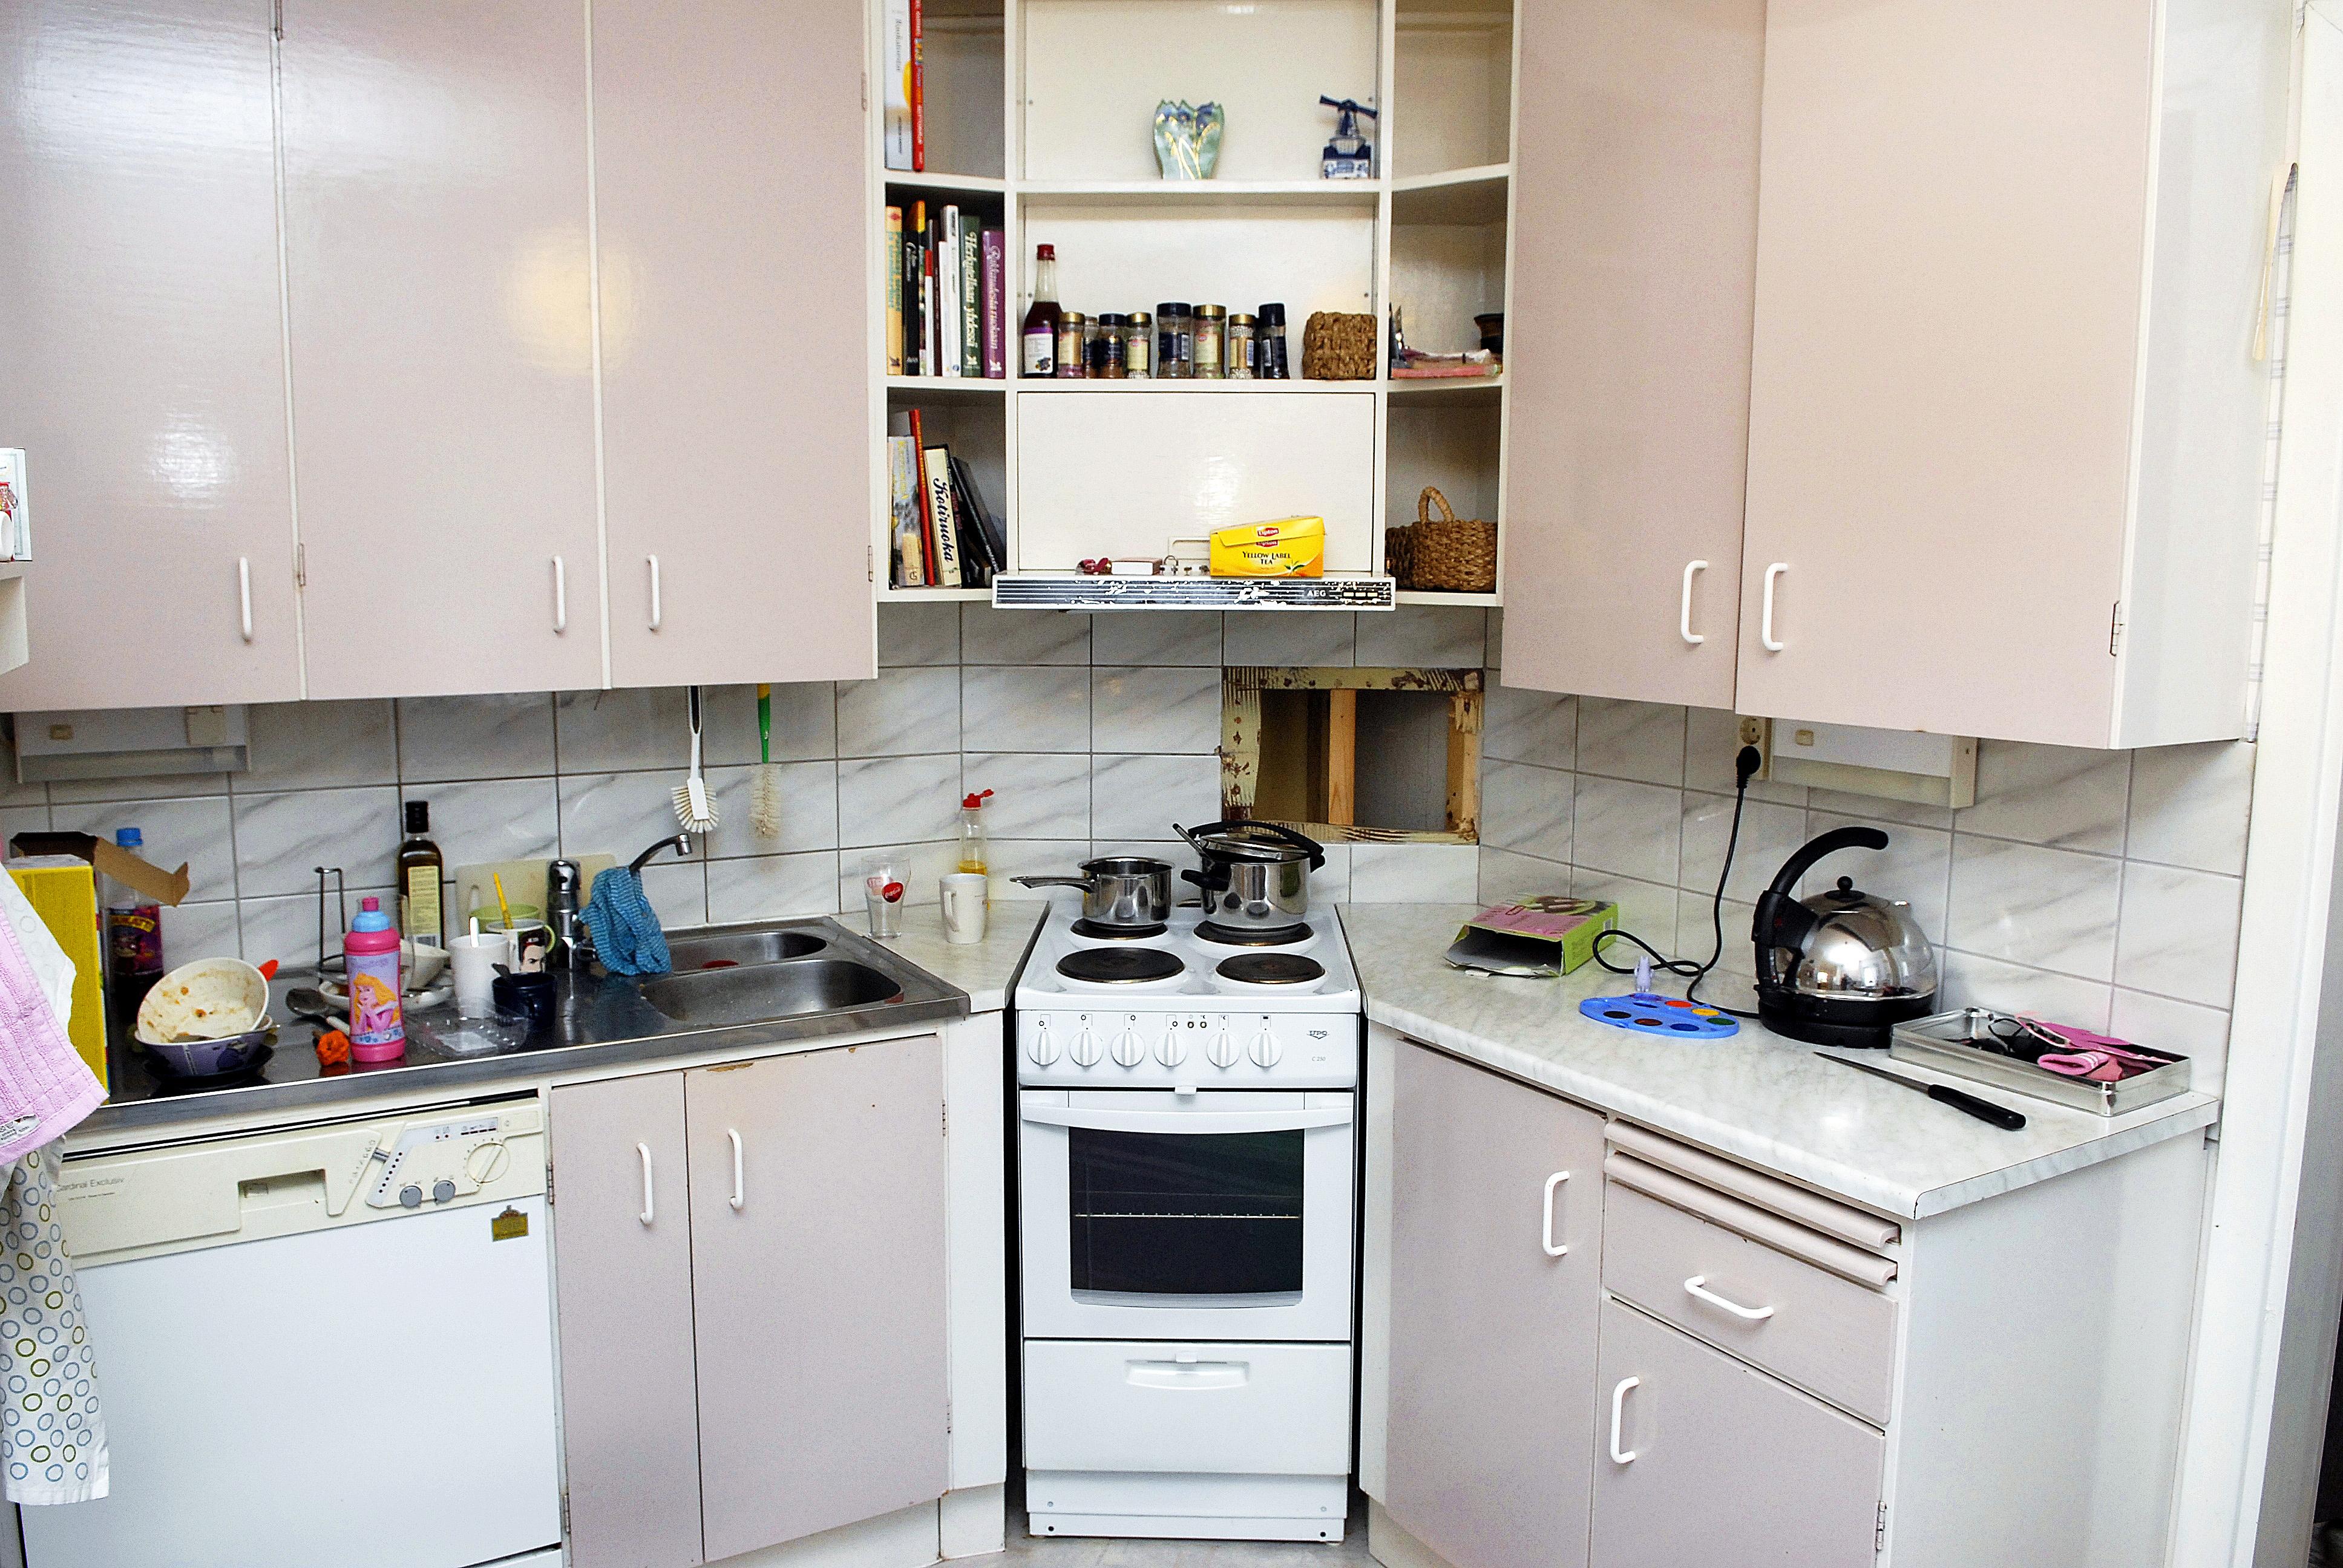 Tältä näytti tyhjennystä odottava keittiö ennen purku- ja remonttitöiden käynnistymistä.